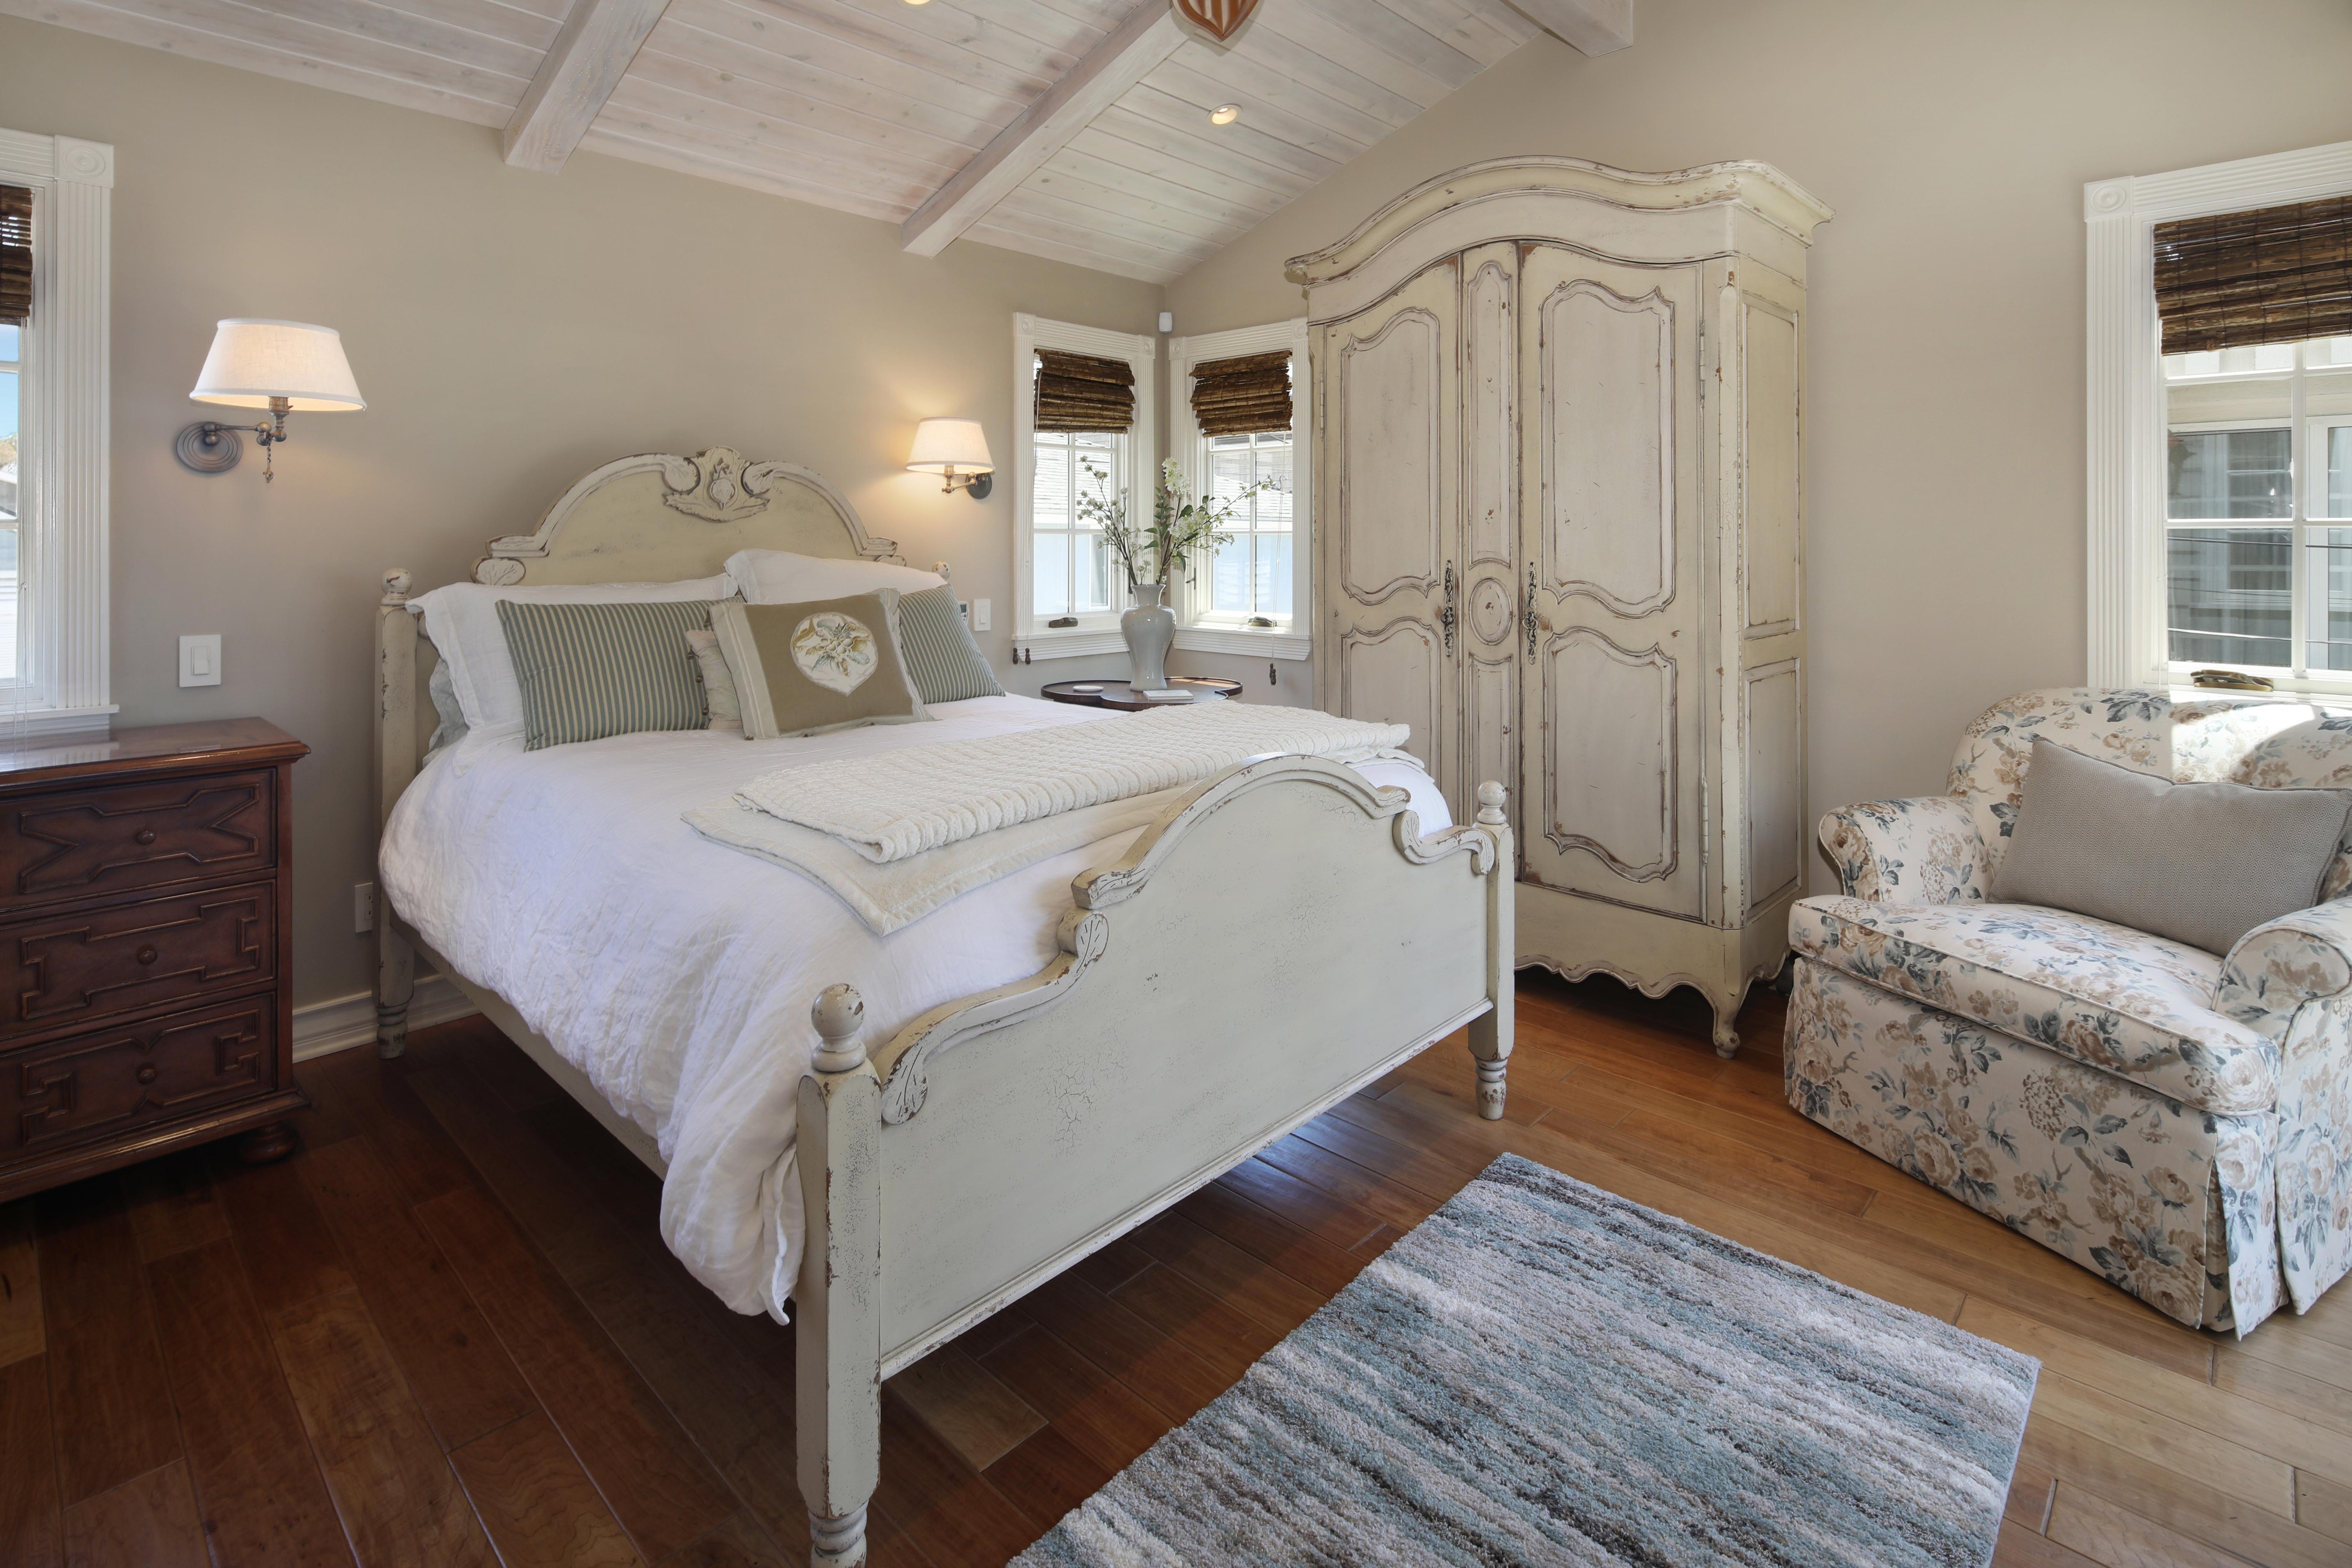 Фотография спальне Интерьер ламп Кресло кровате дизайна 5616x3744 спальни Спальня лампы Лампа Кровать кровати Дизайн